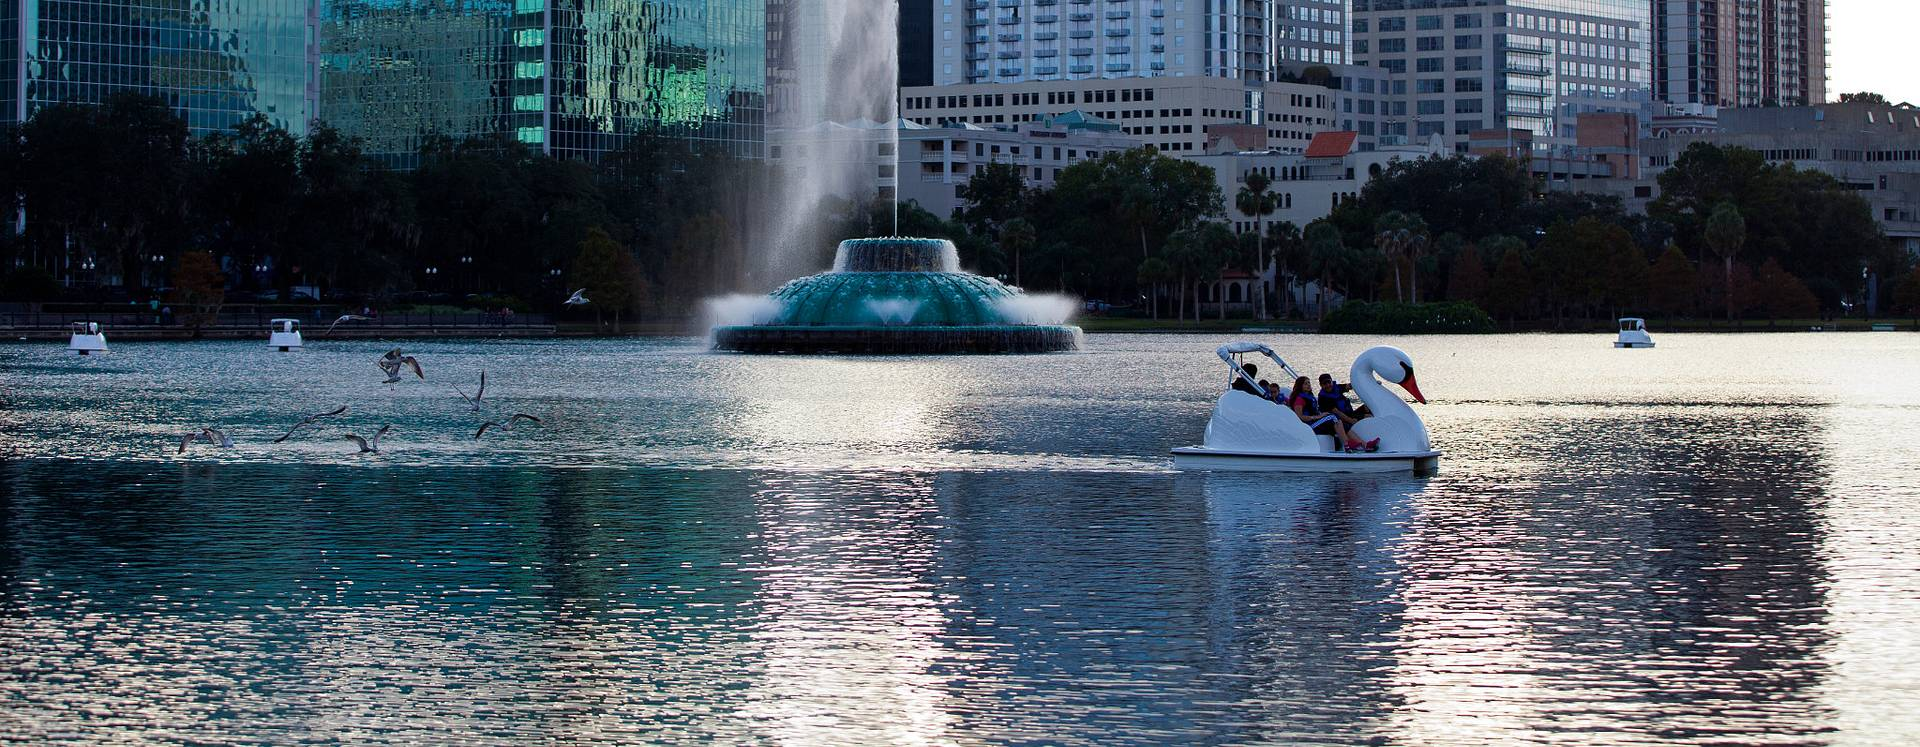 Um barco cisne e uma fonte a Lake Eola em Centro de Orlando, ao entardecer.